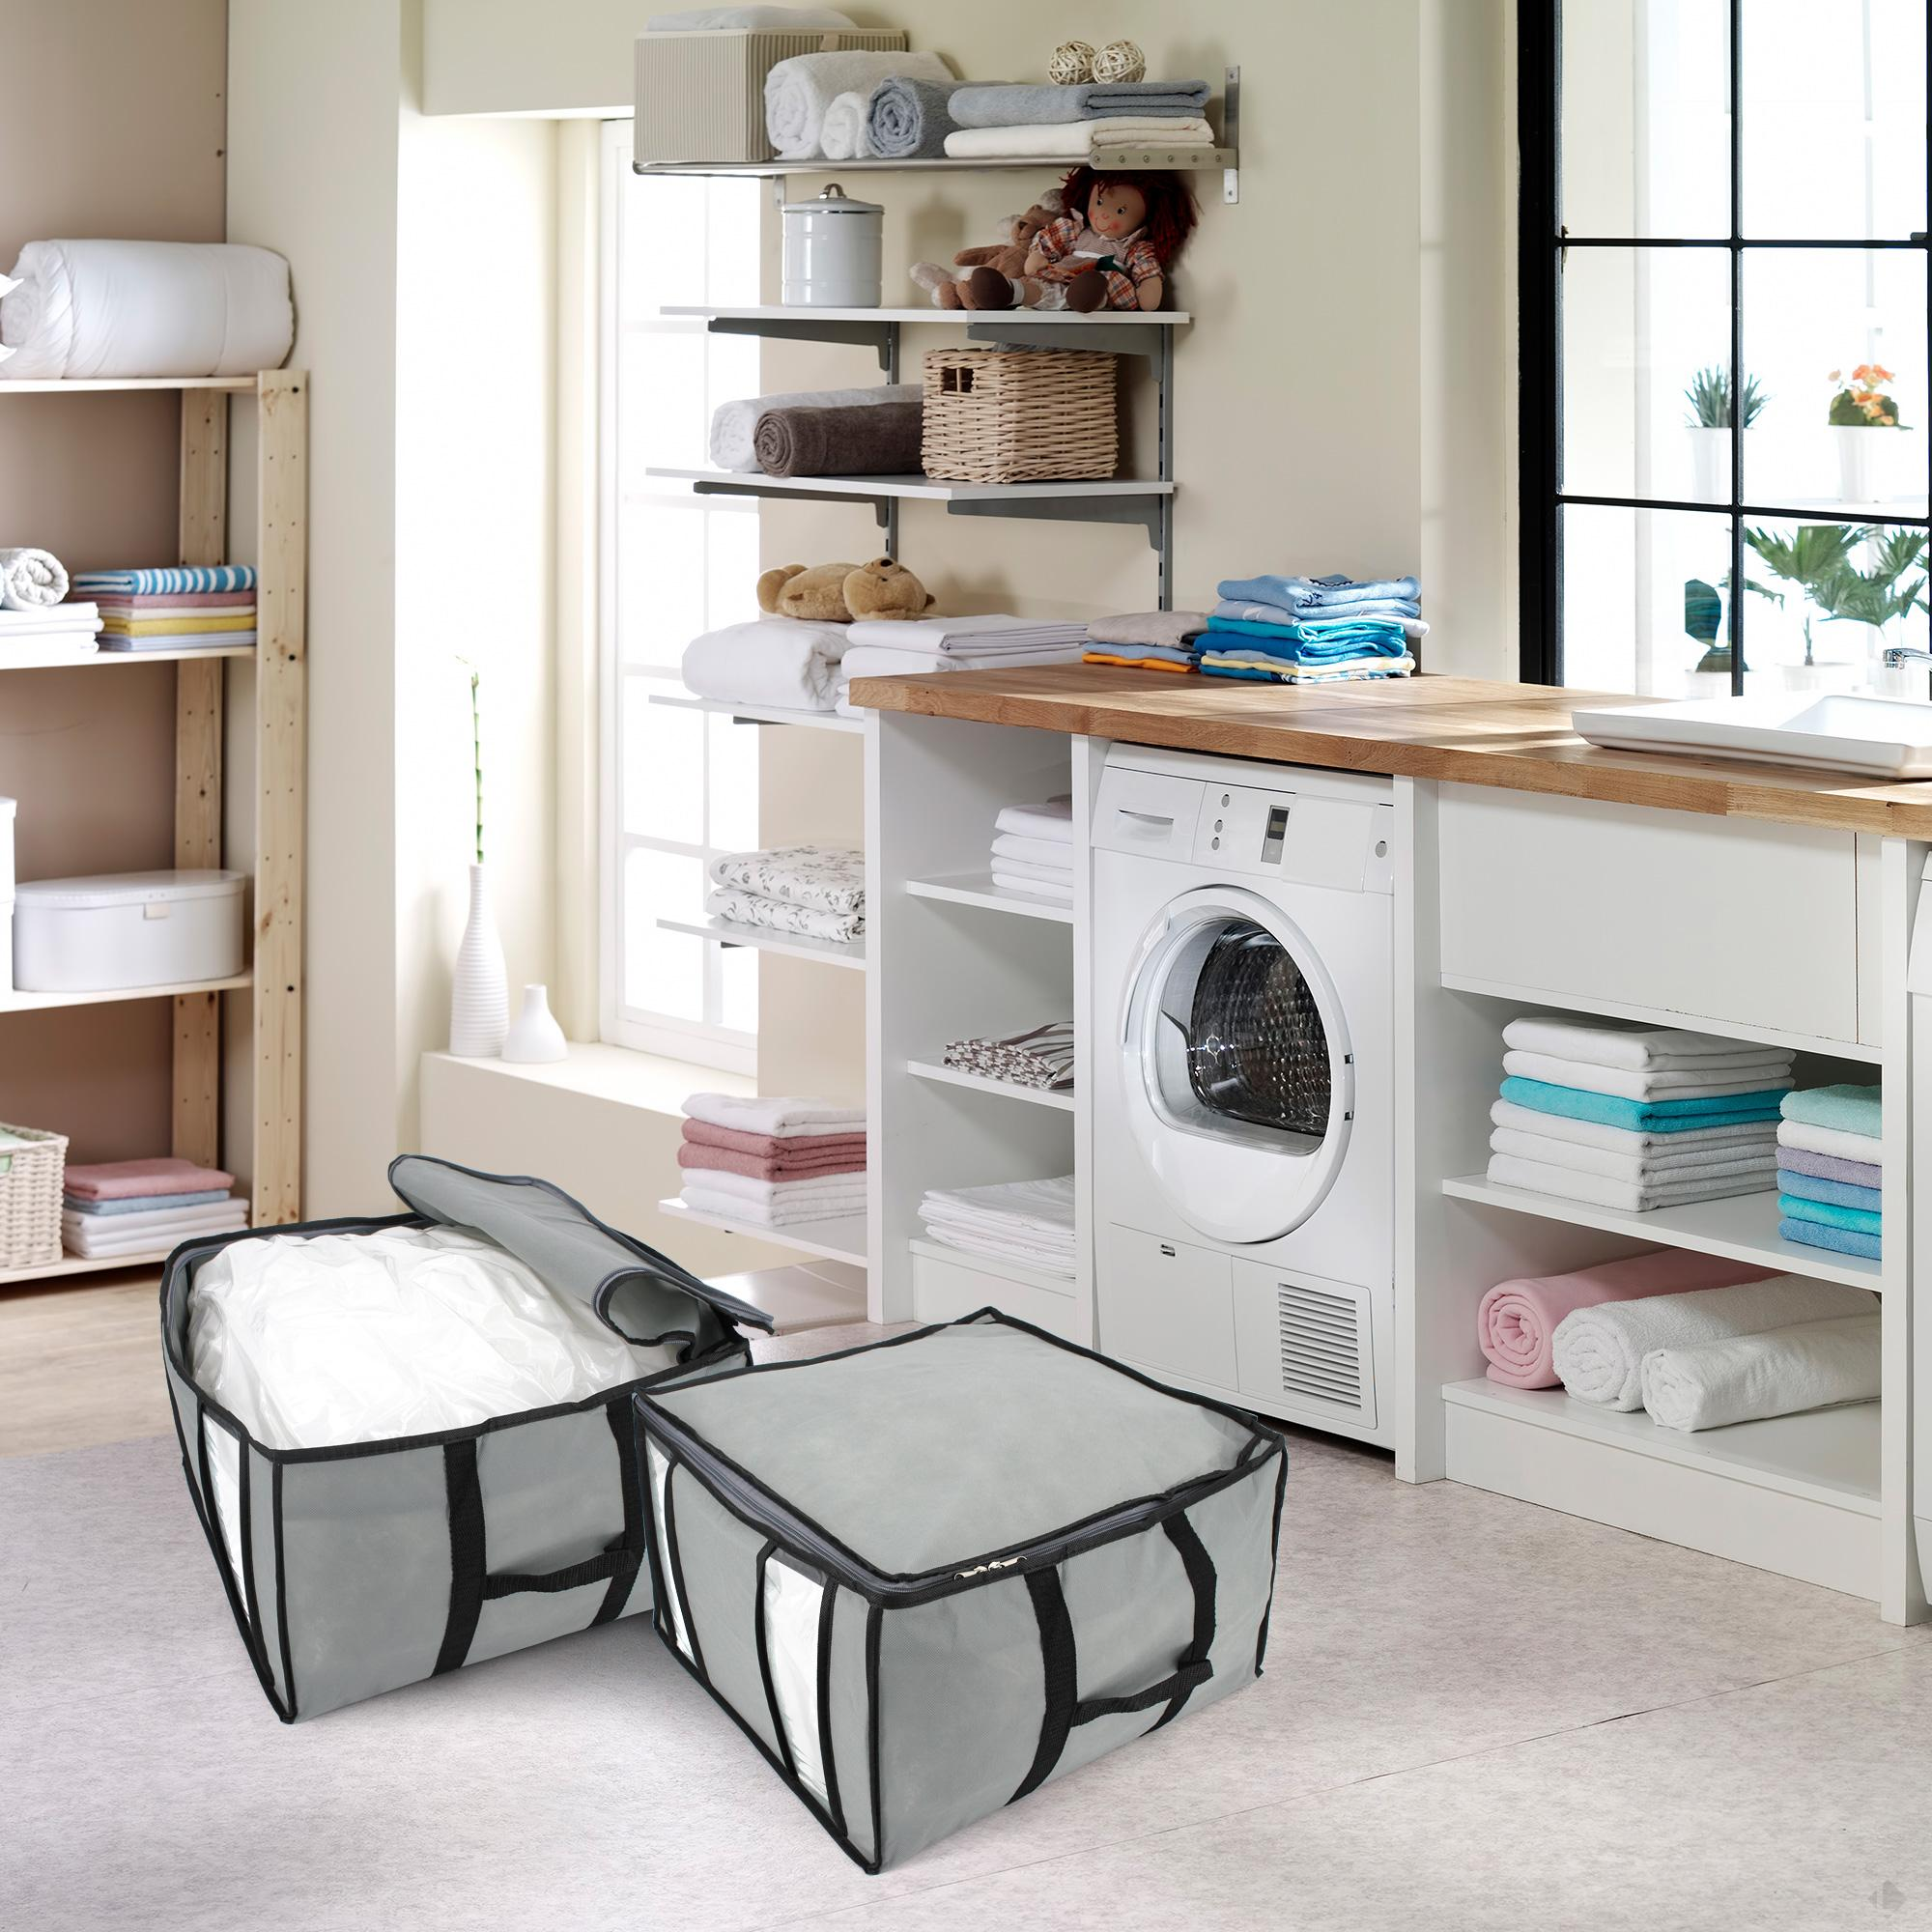 housse vide d air finest housses de rangement vide d air. Black Bedroom Furniture Sets. Home Design Ideas